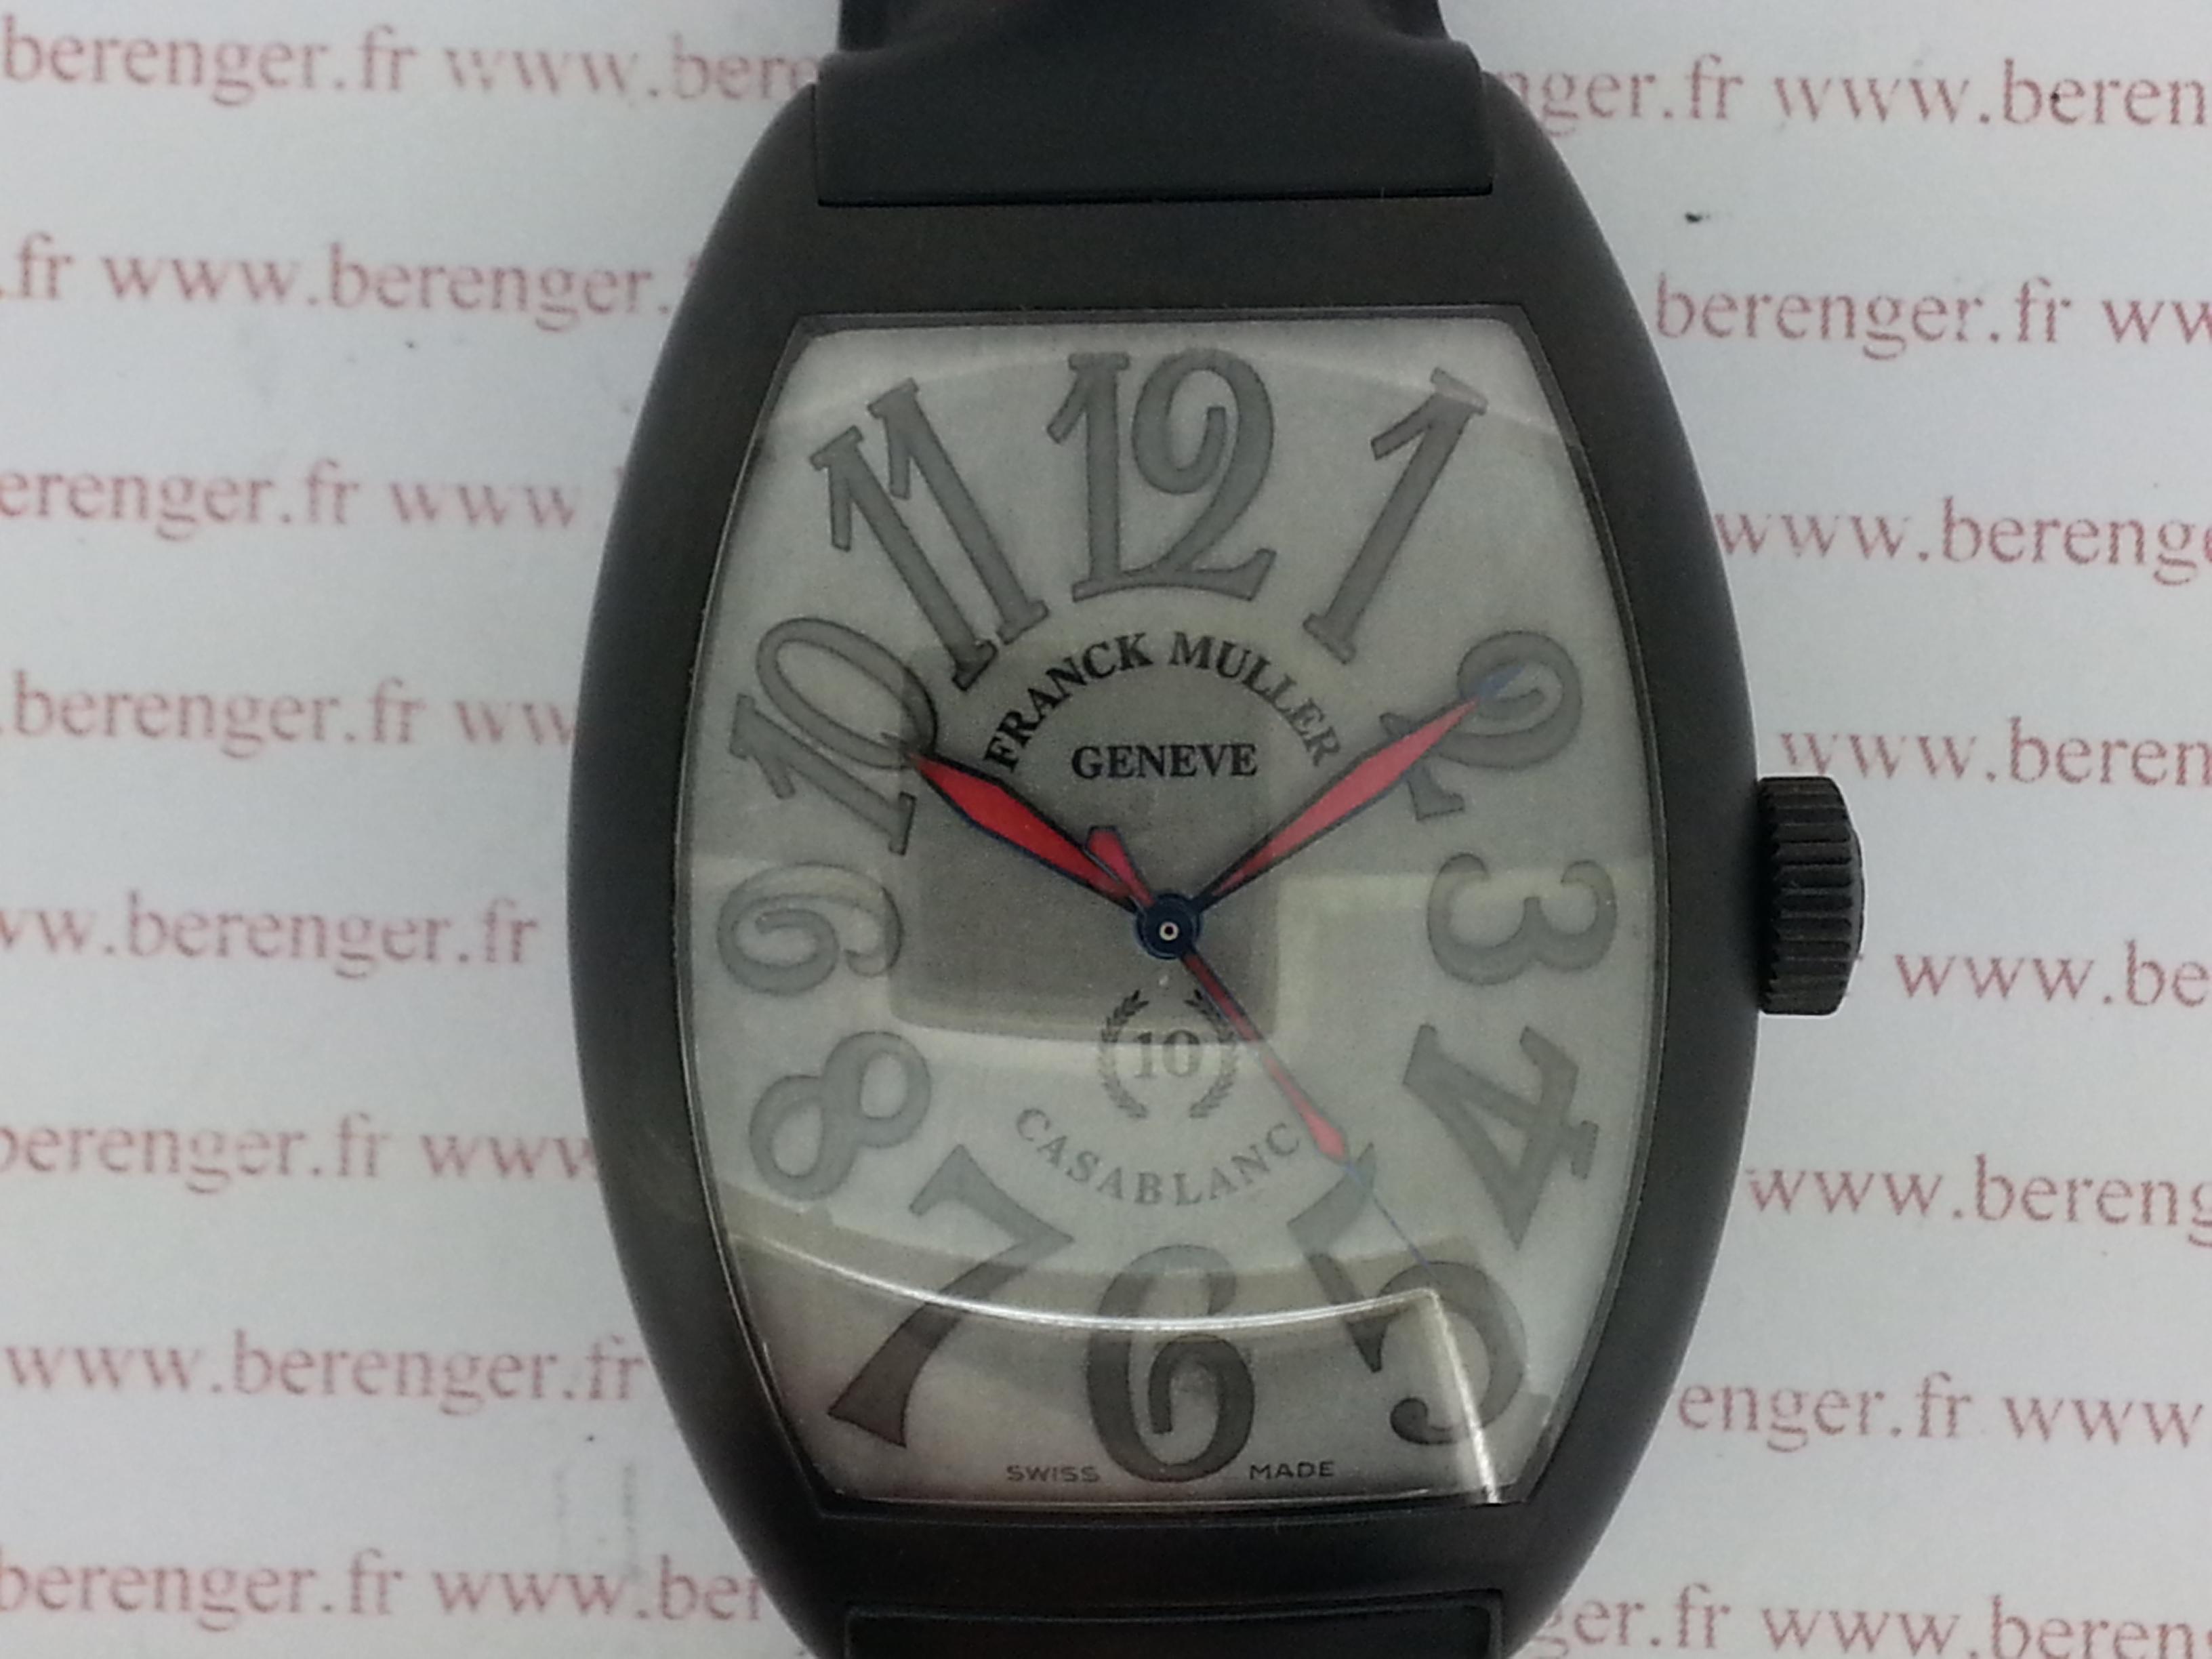 ref boutique:00964